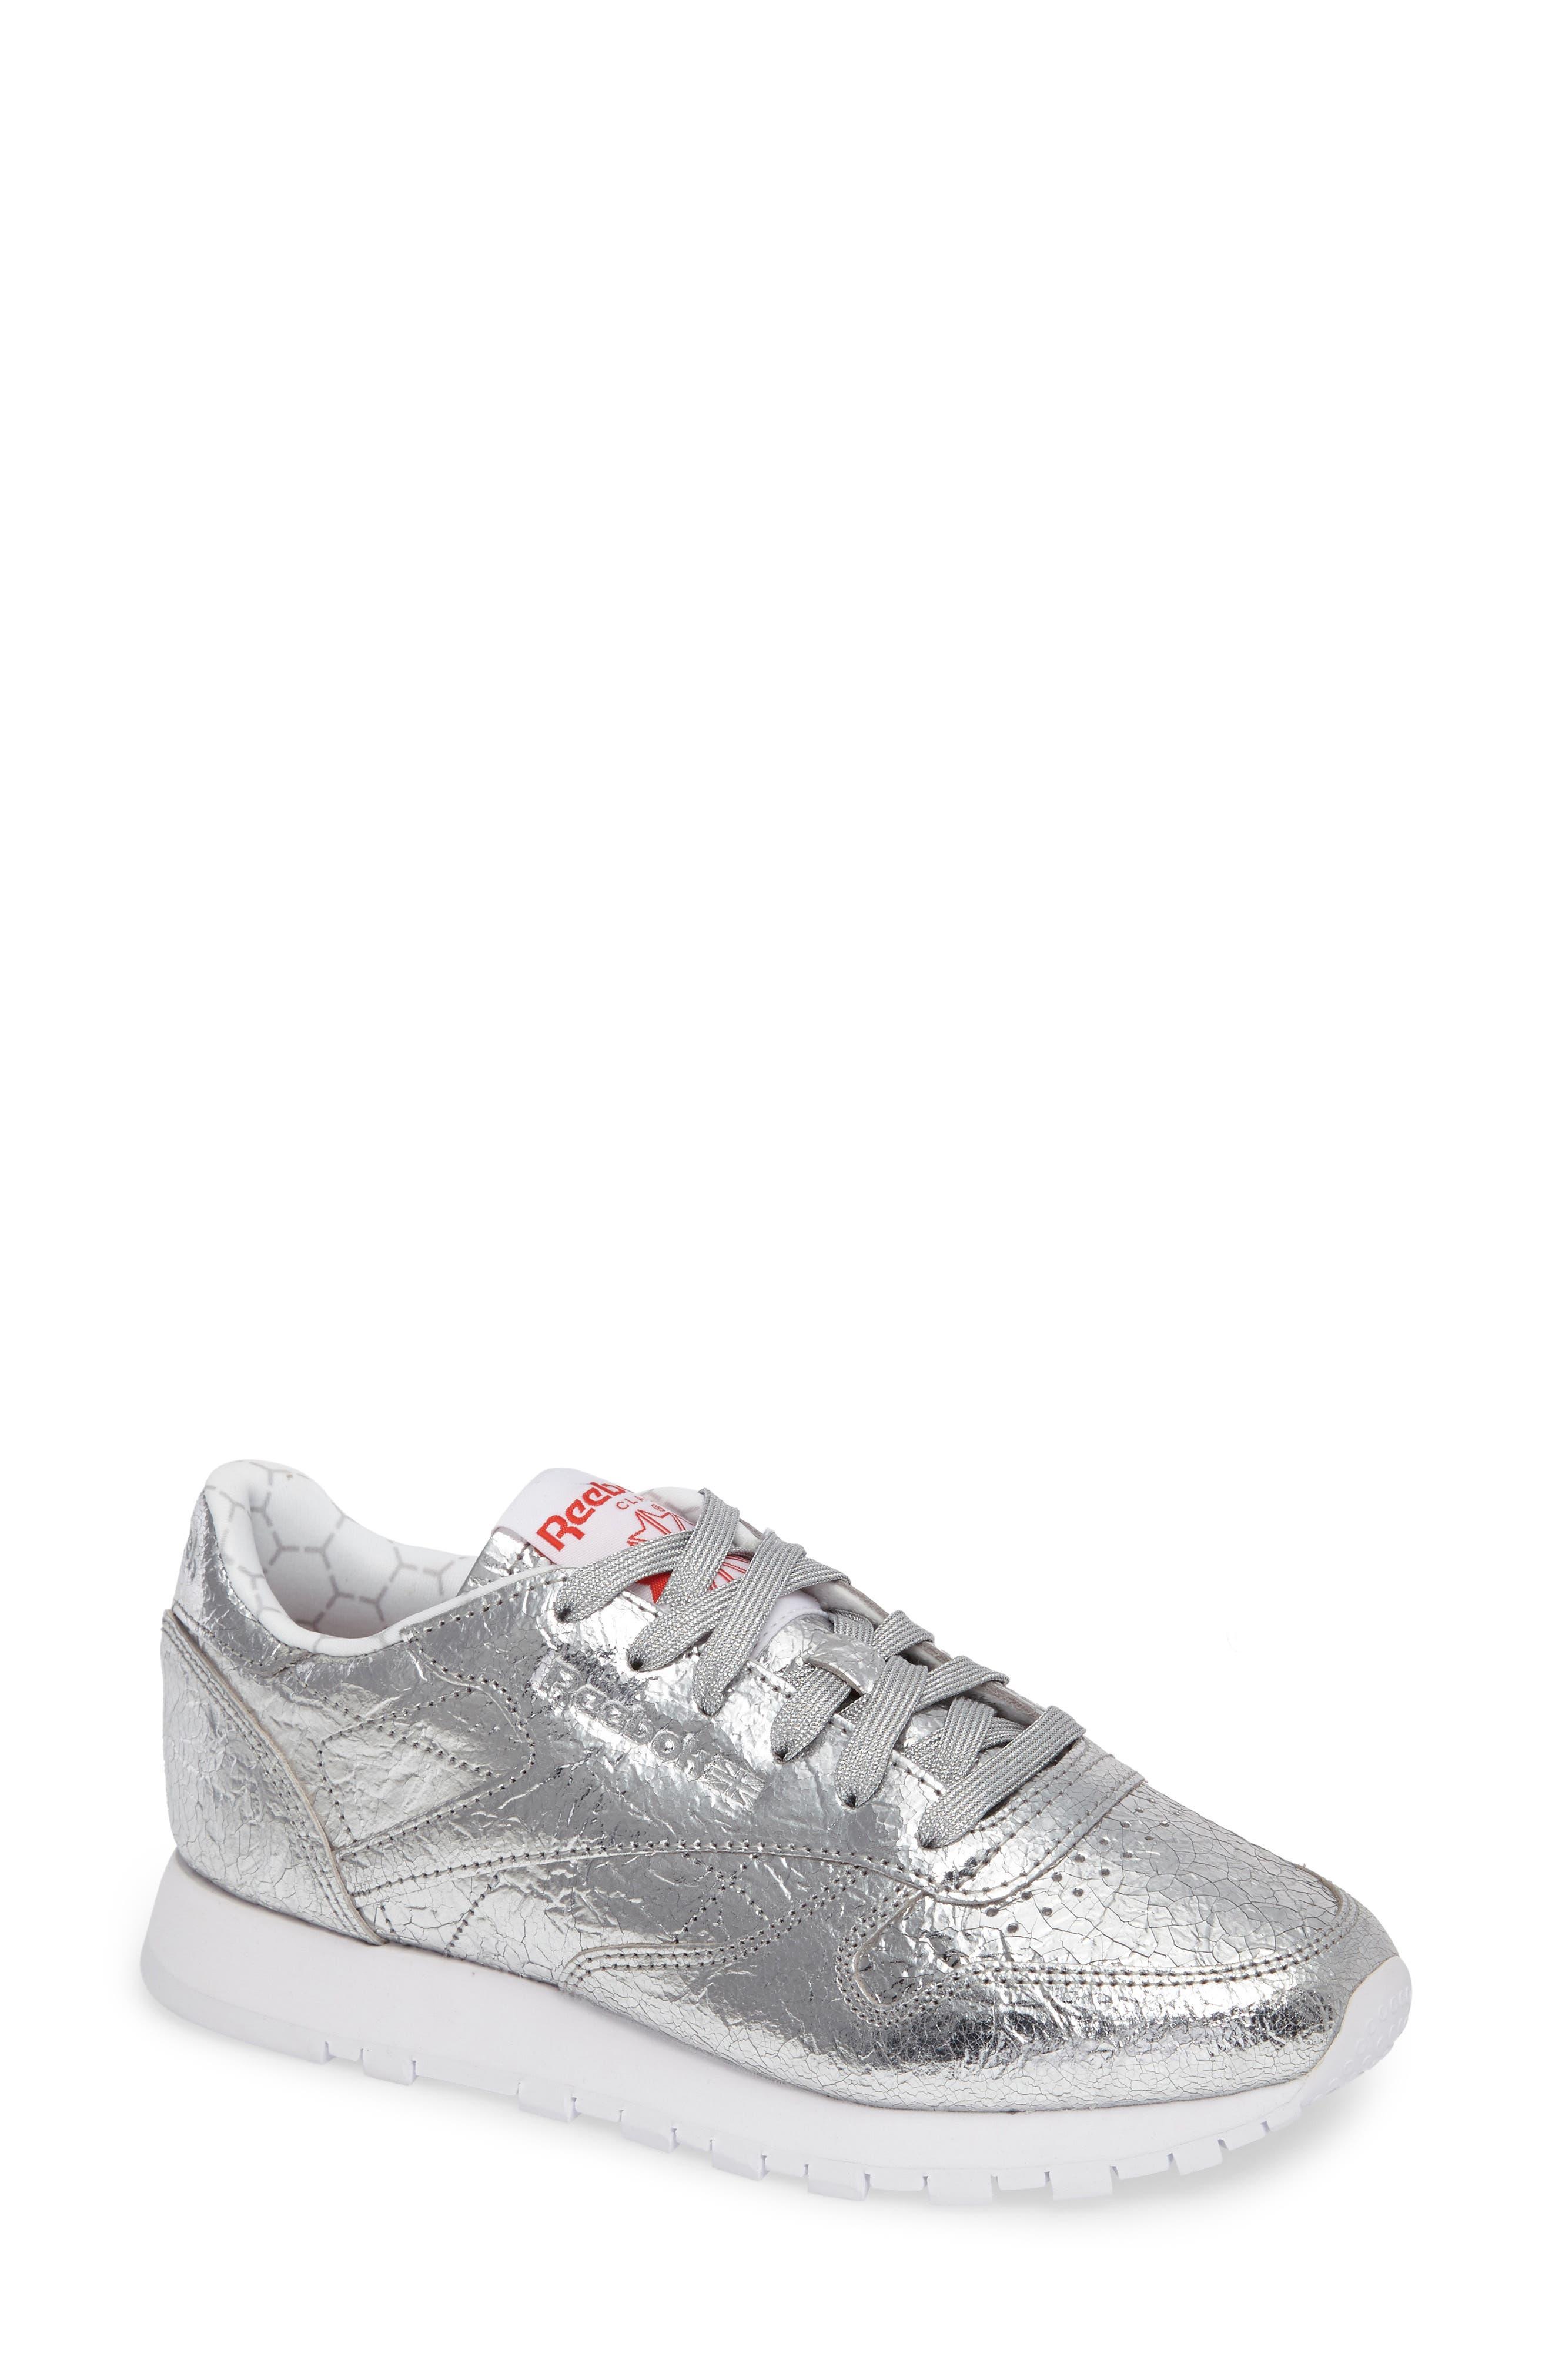 Main Image - Reebok Classic Leather HD Foil Sneaker (Women)